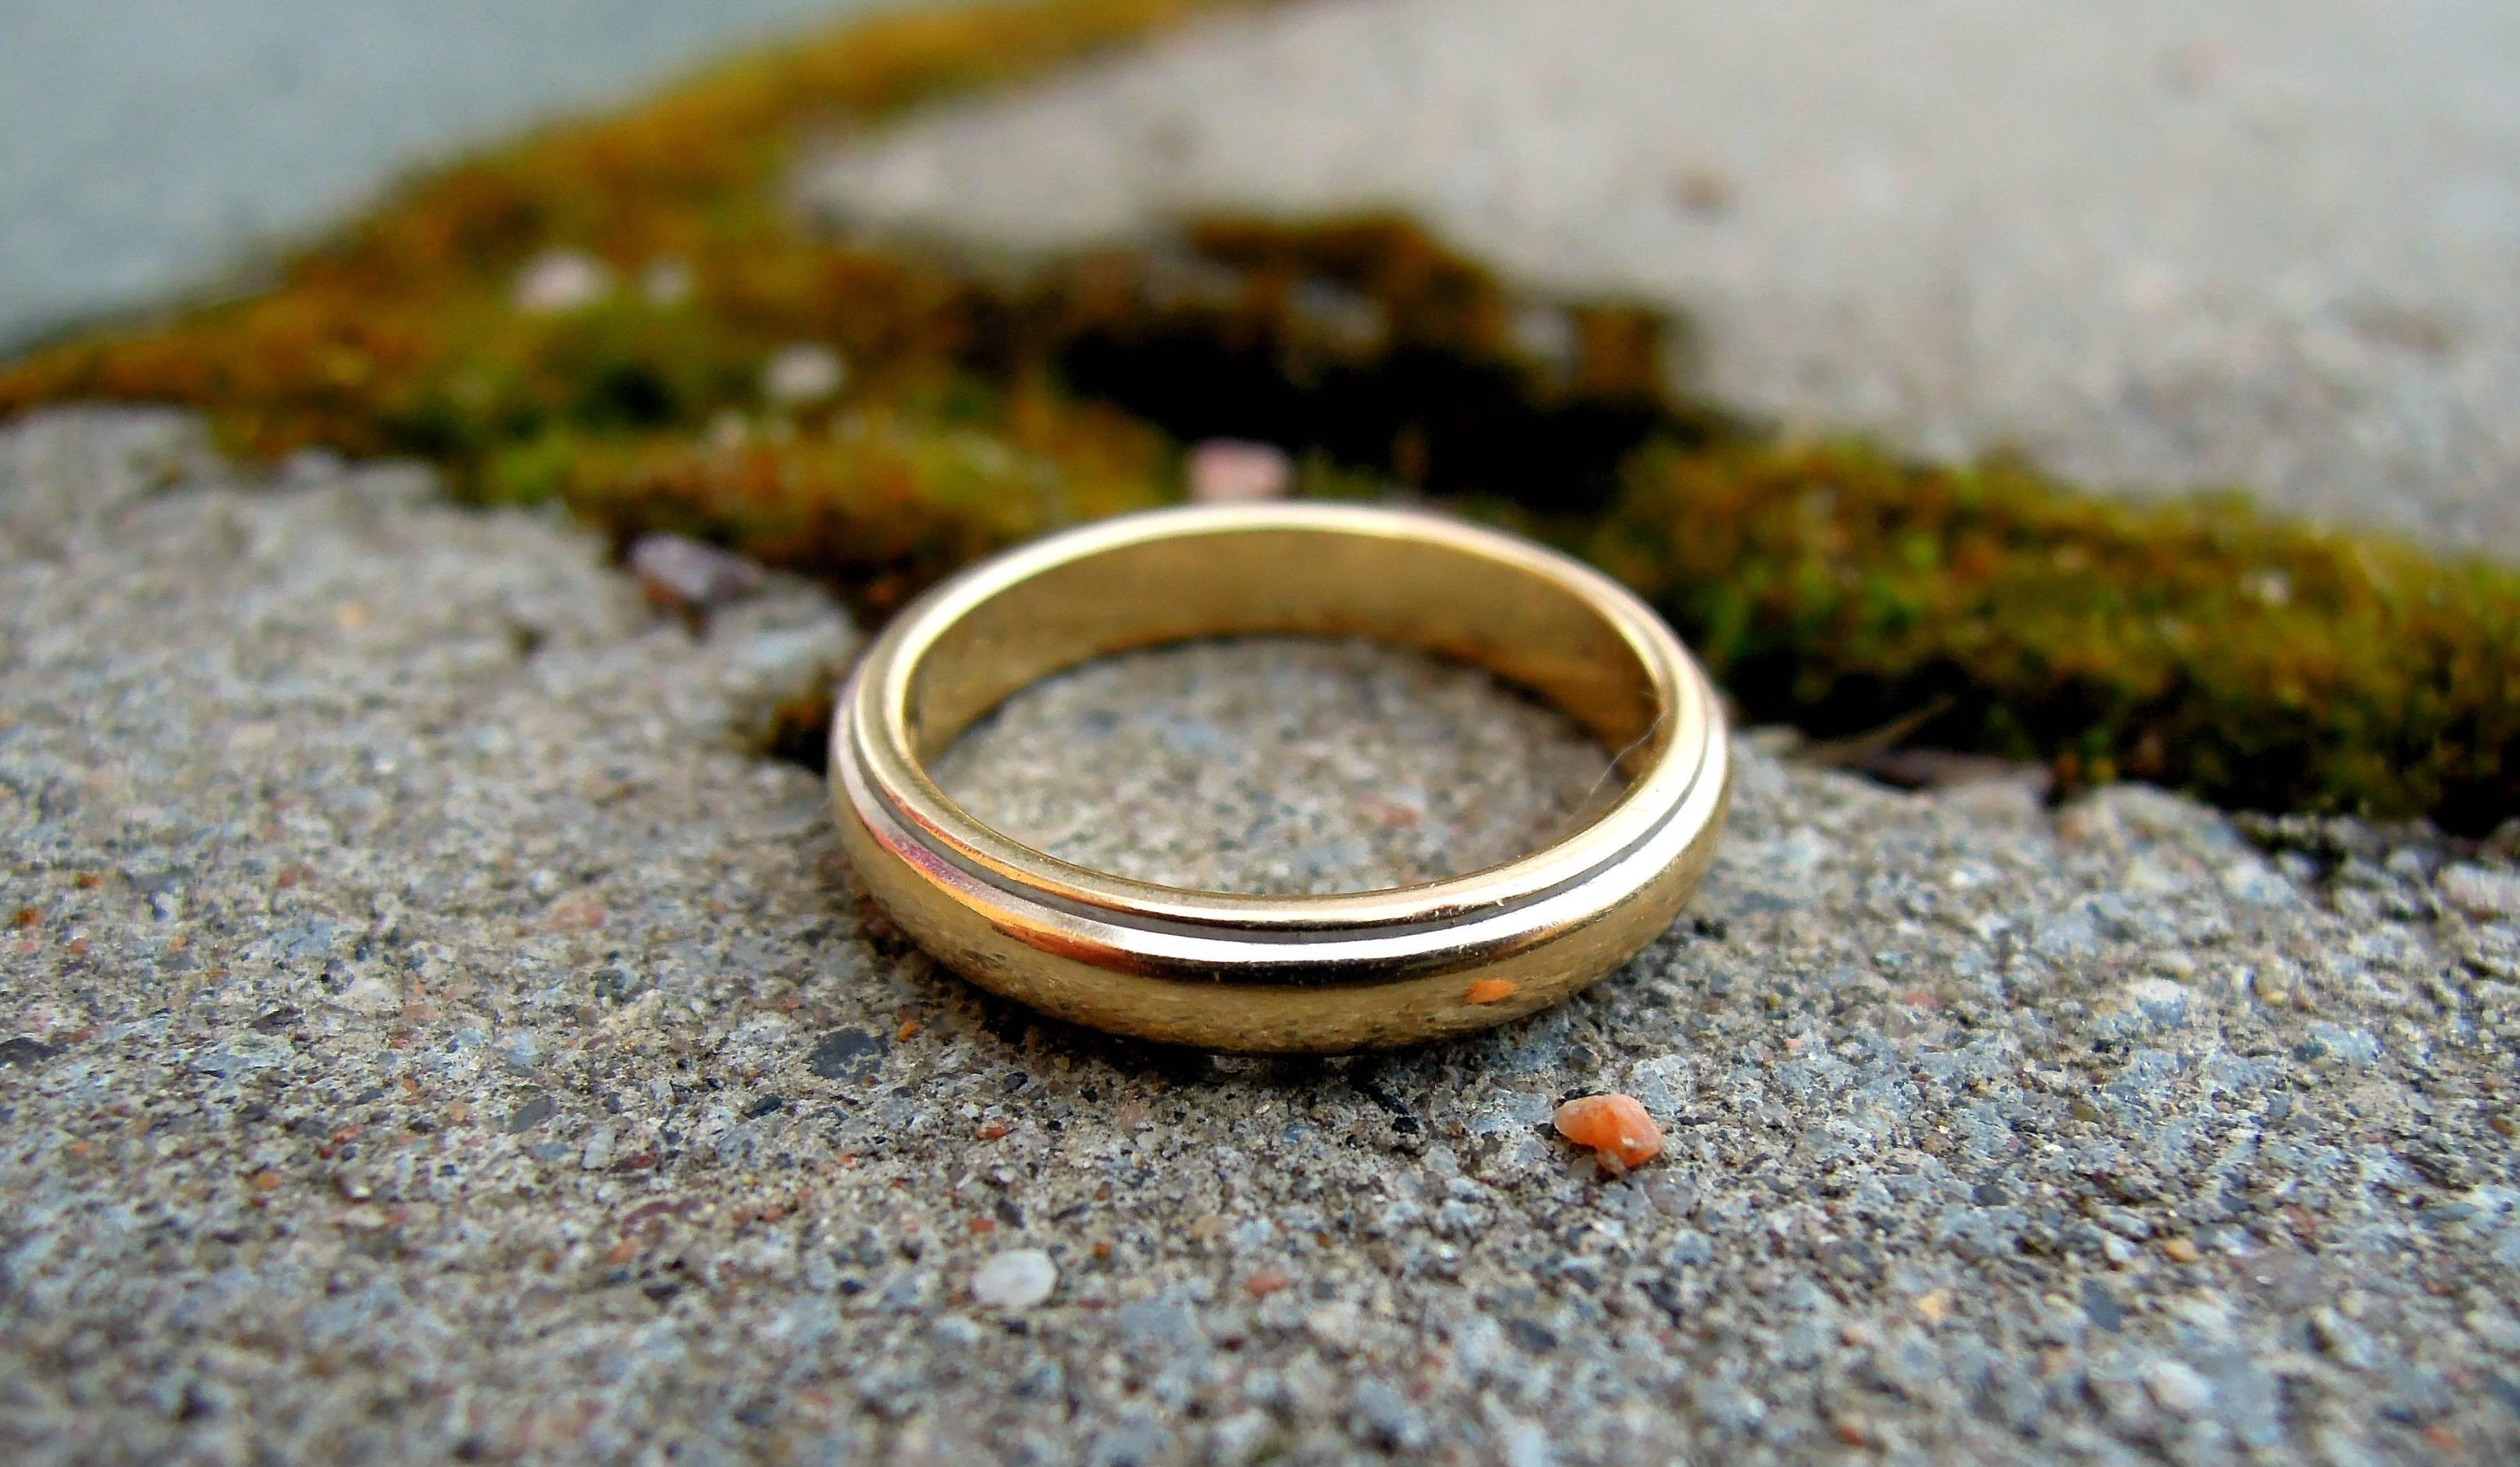 Потерять обручальное кольцо – приметы: что это значит, хорошие, плохие, а потом найти